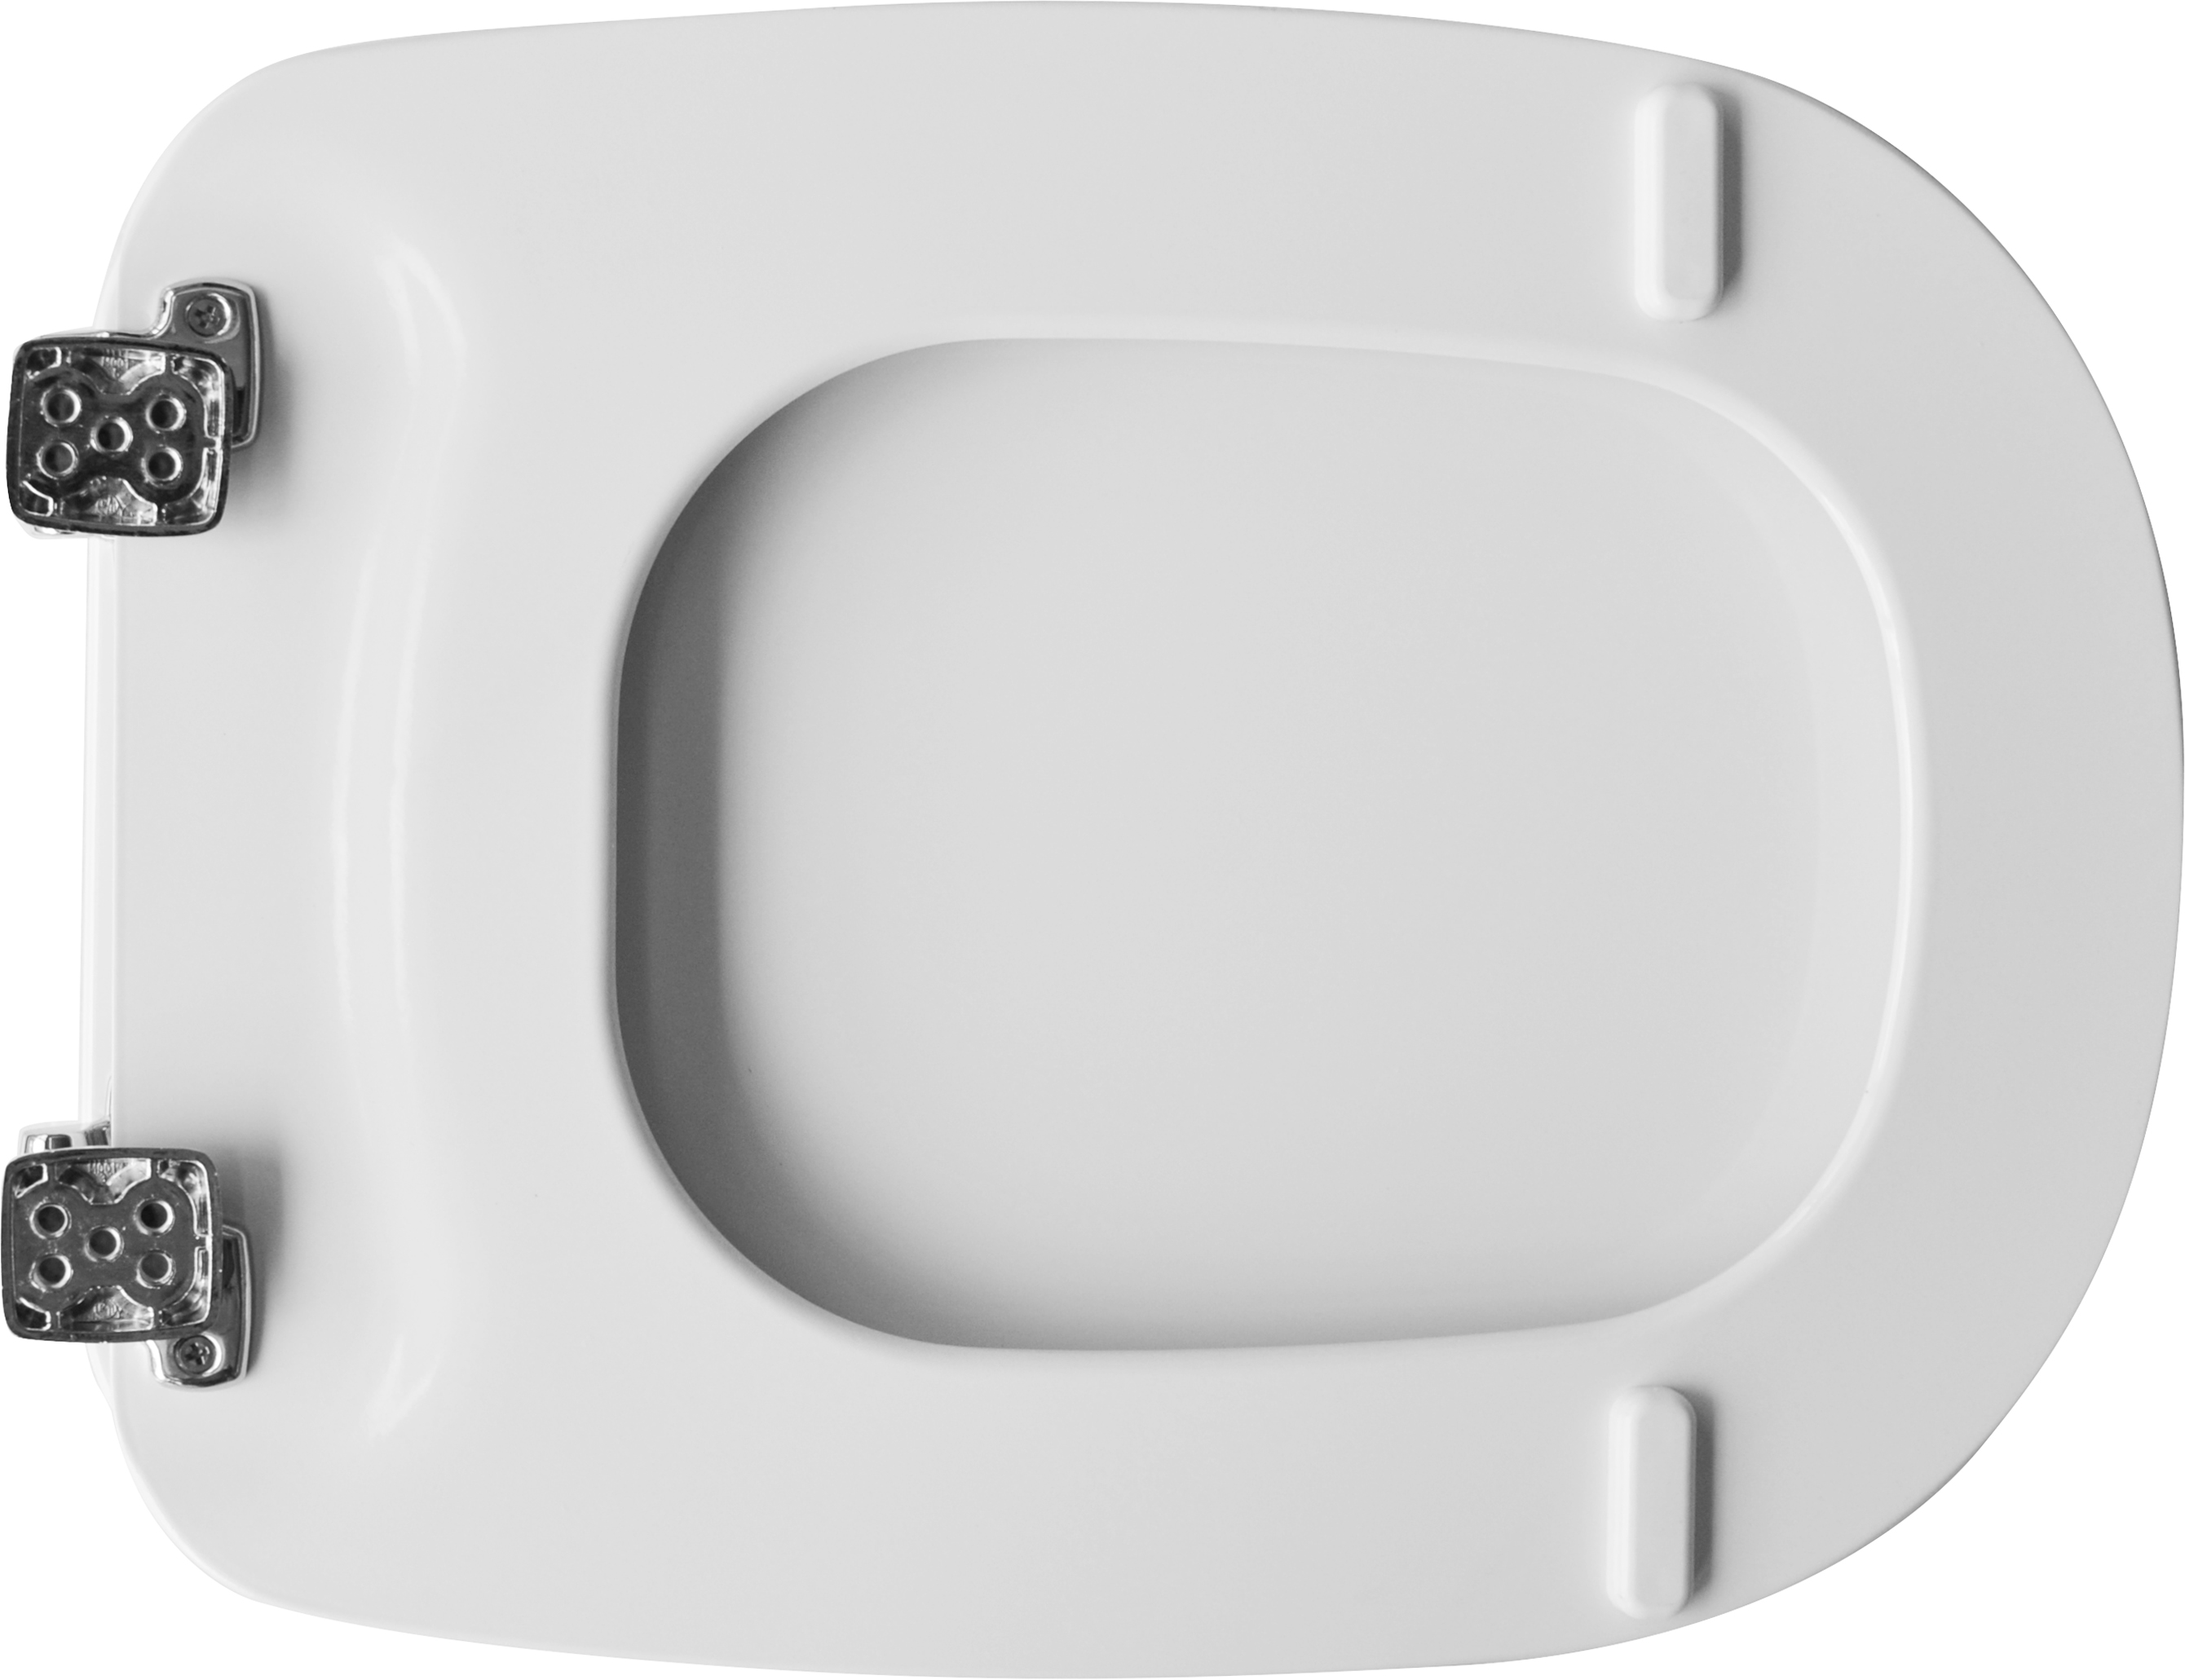 Sedile copriwater per wc tesi ideal standard ebay - Carrara e matta accessori bagno ...